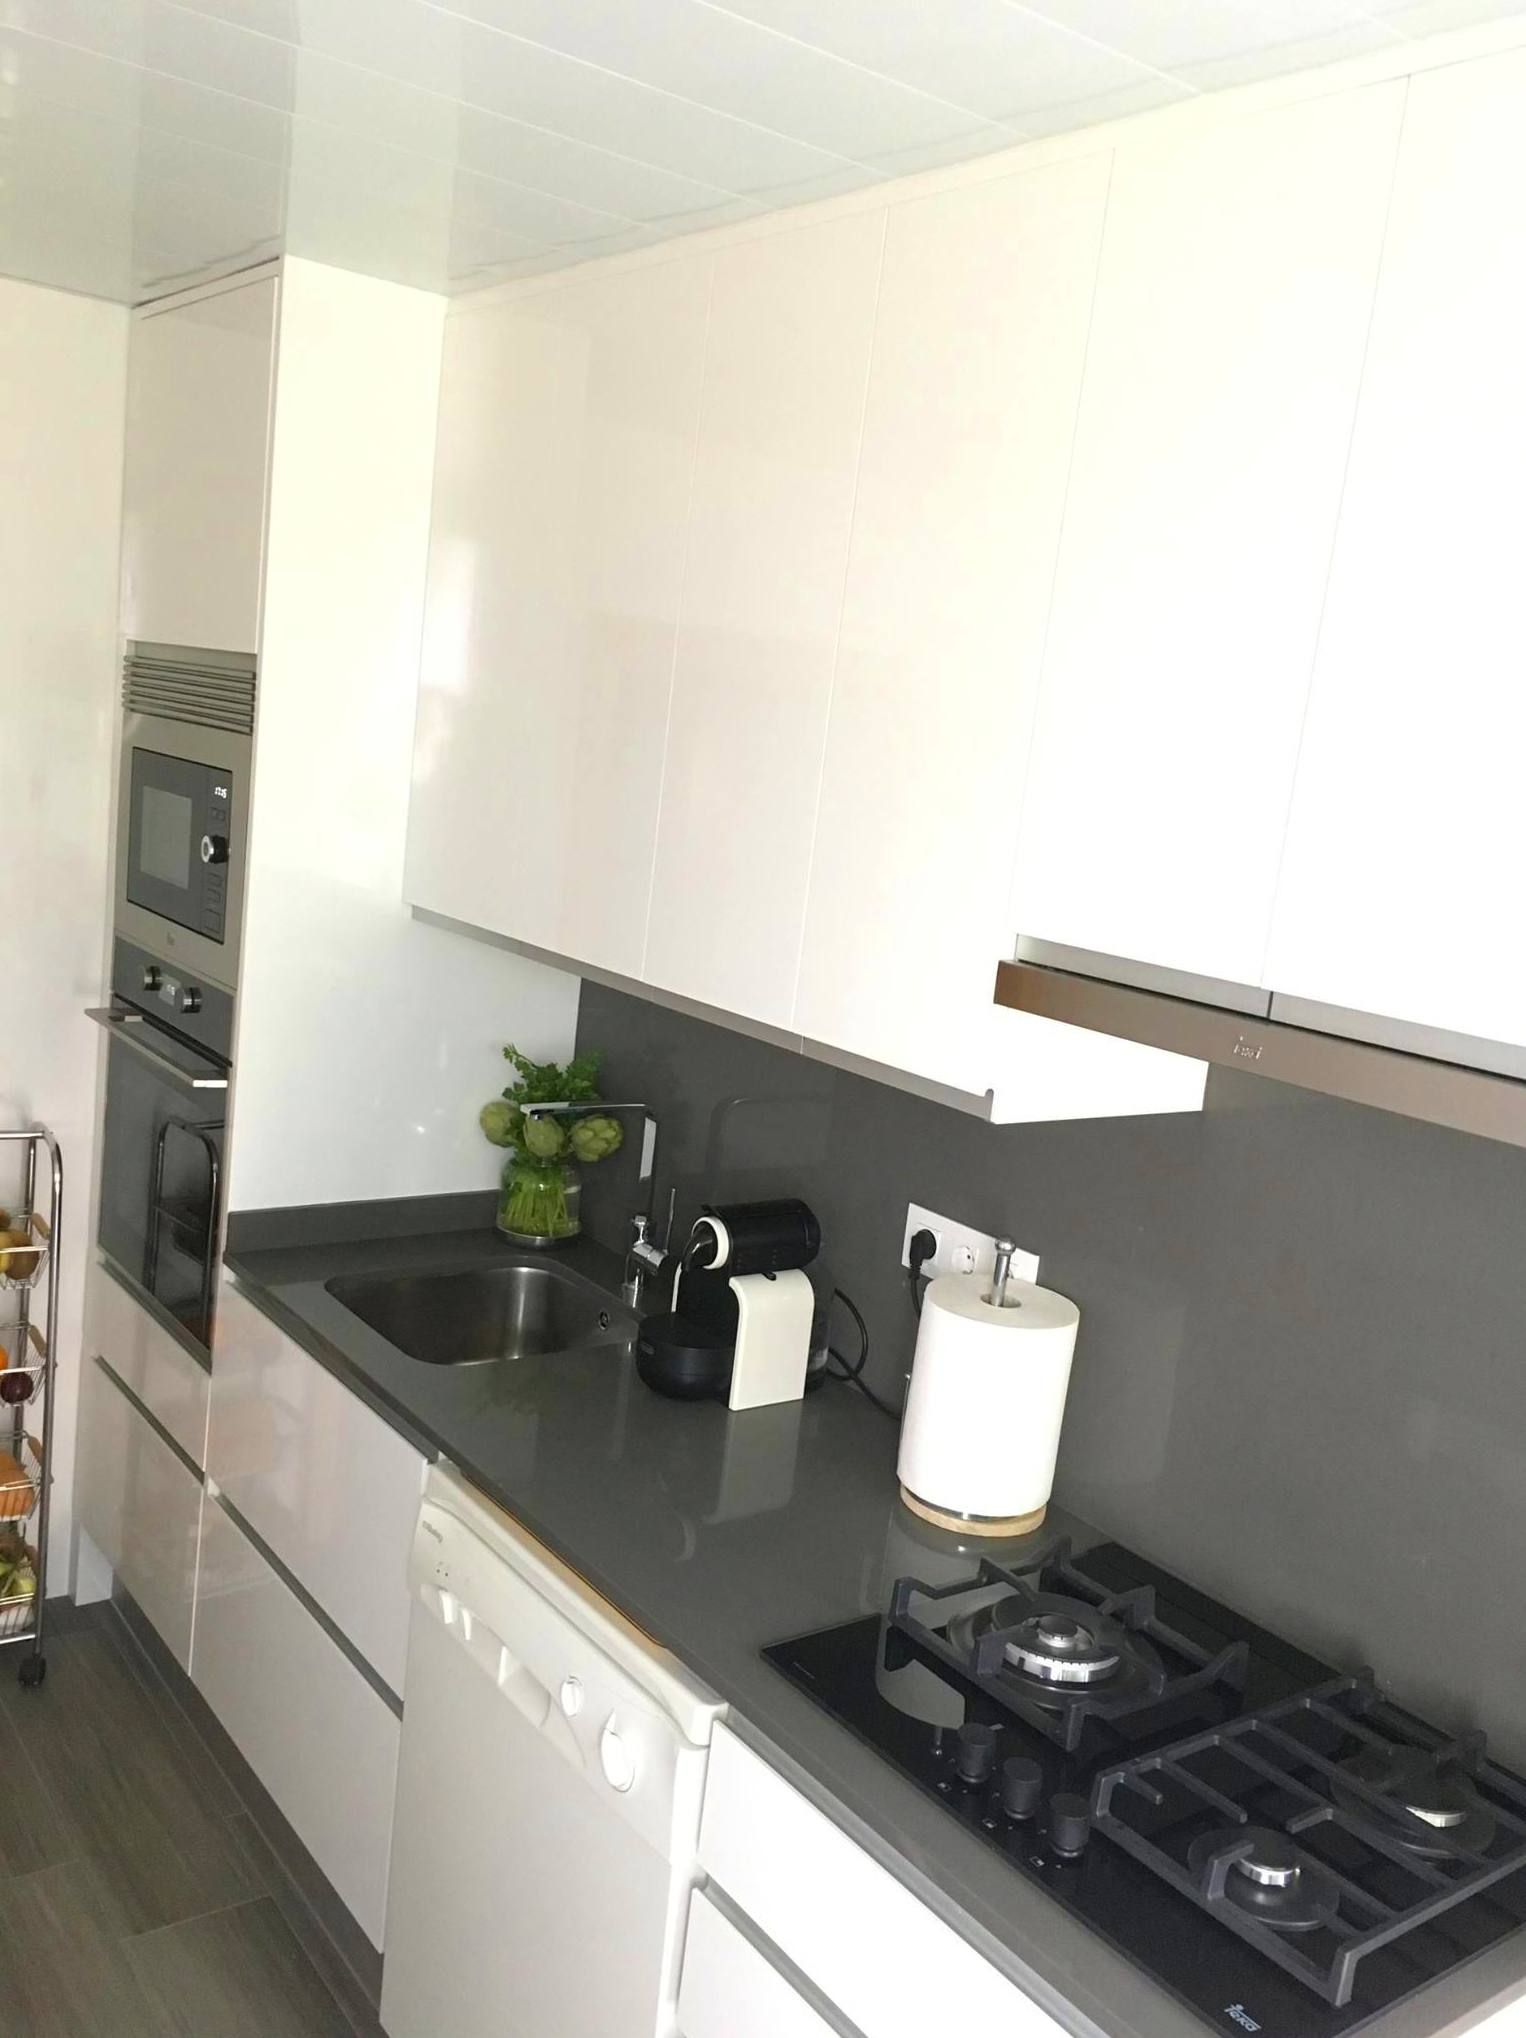 Reforma de cocina en formica blanco brillo y tirador uñero de aluminio.